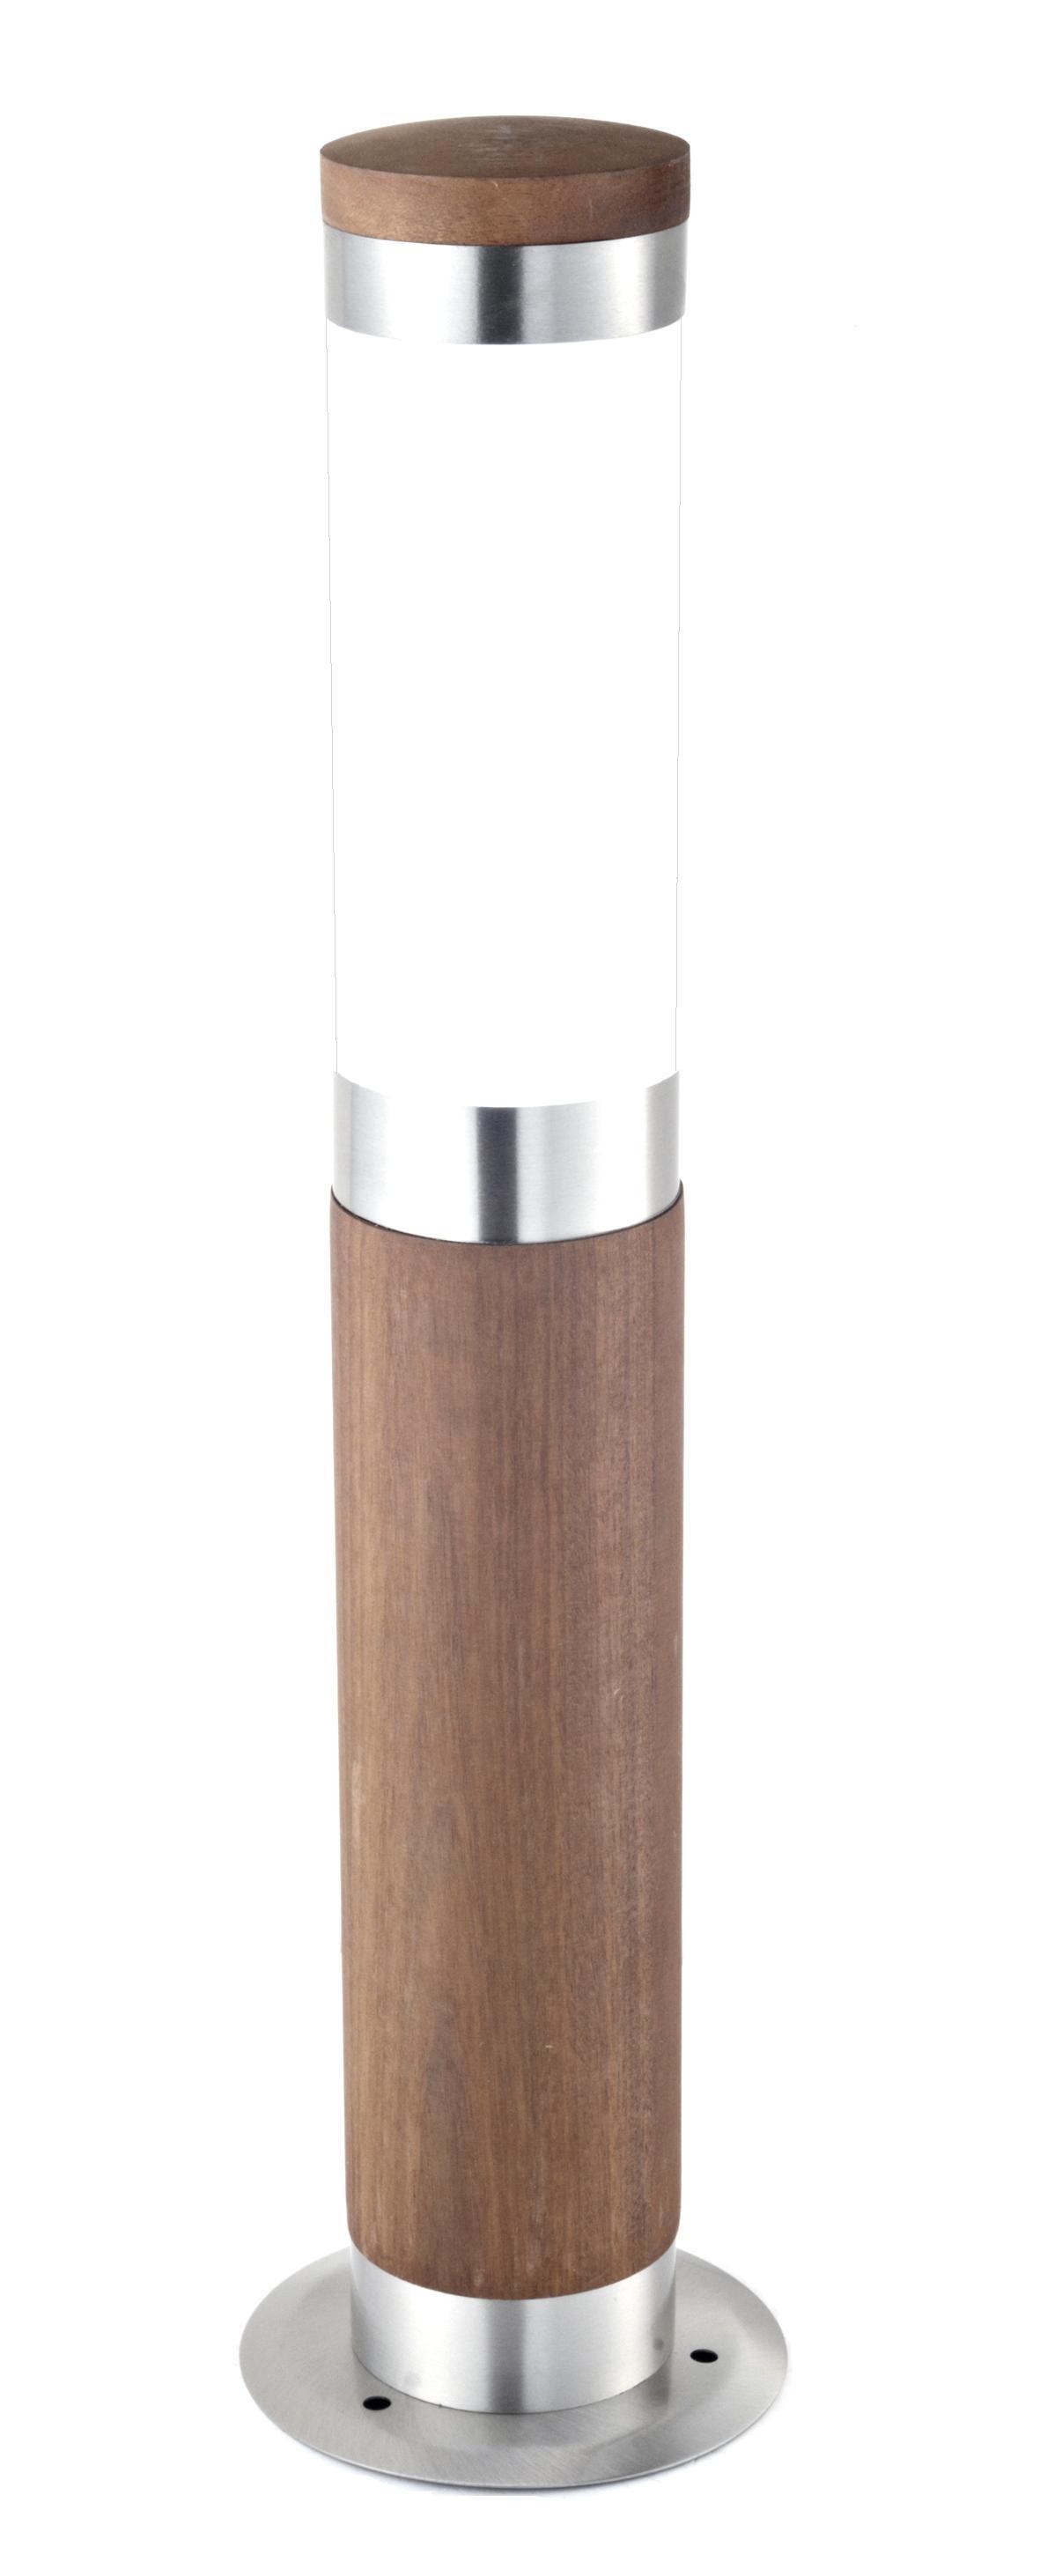 цены Светильник уличный Duwi Stelo wood 88 см